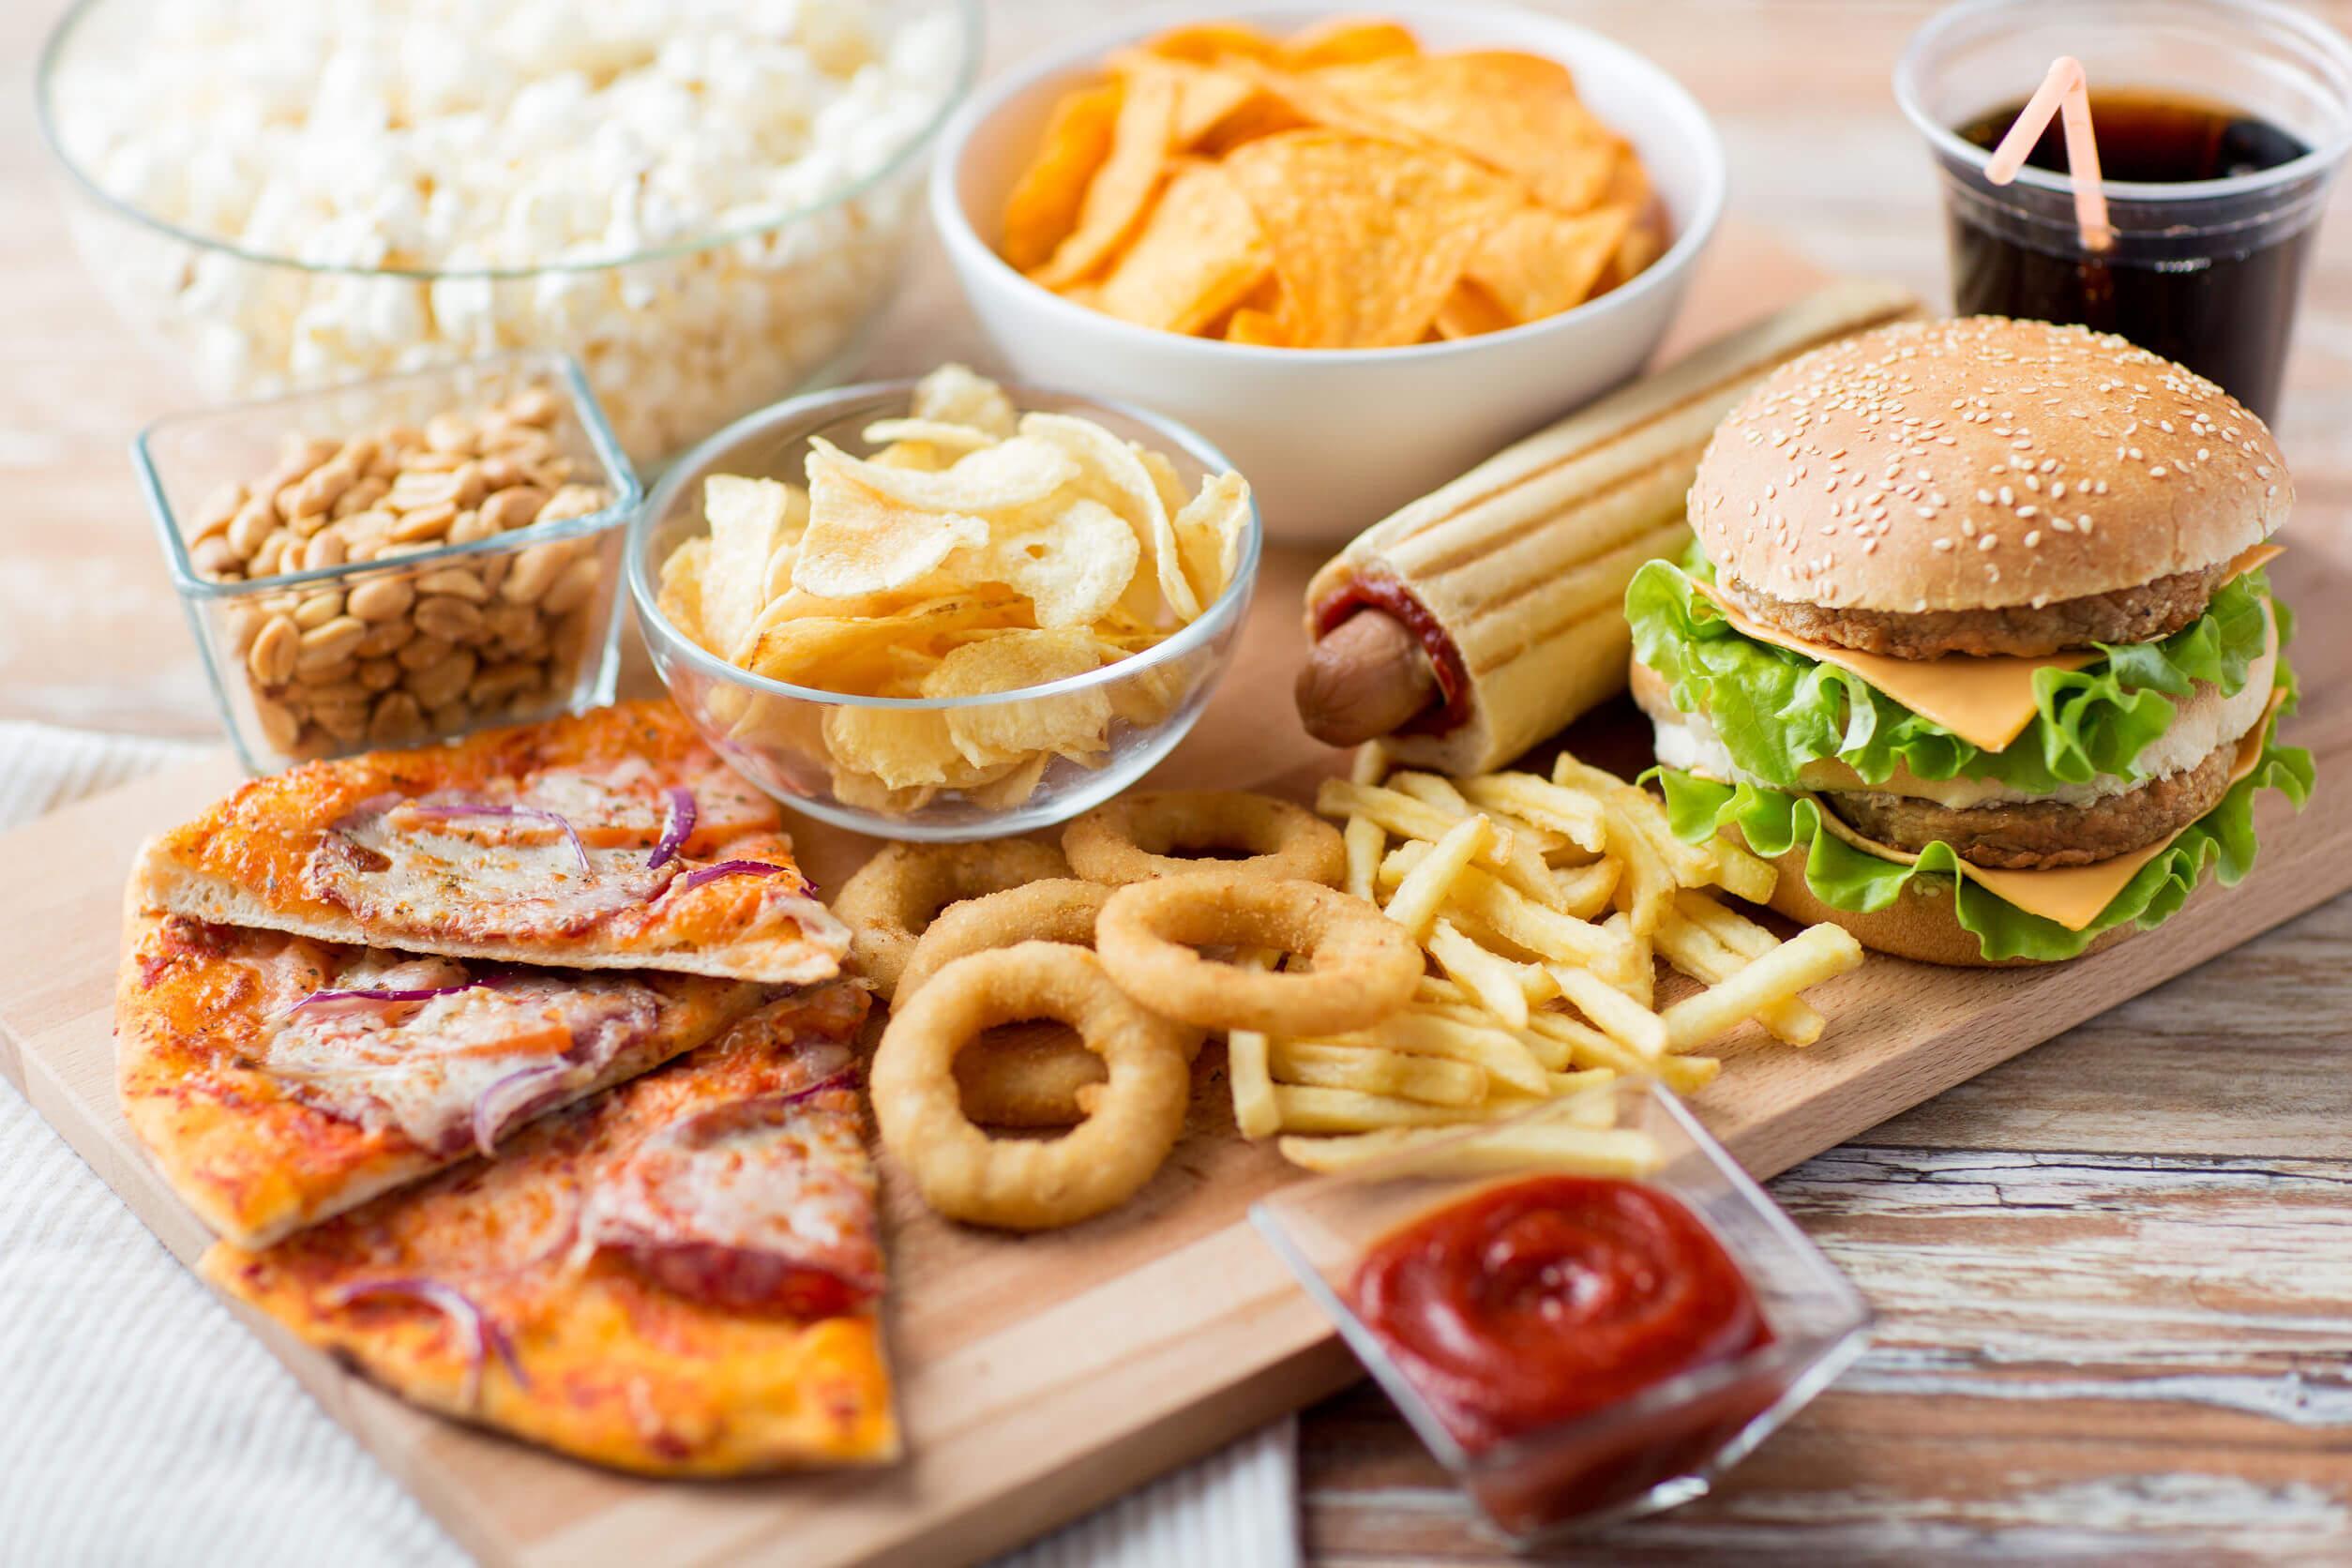 La costumbre de comer harinas por la noche suele relacionarse con alimentos poco saludables.